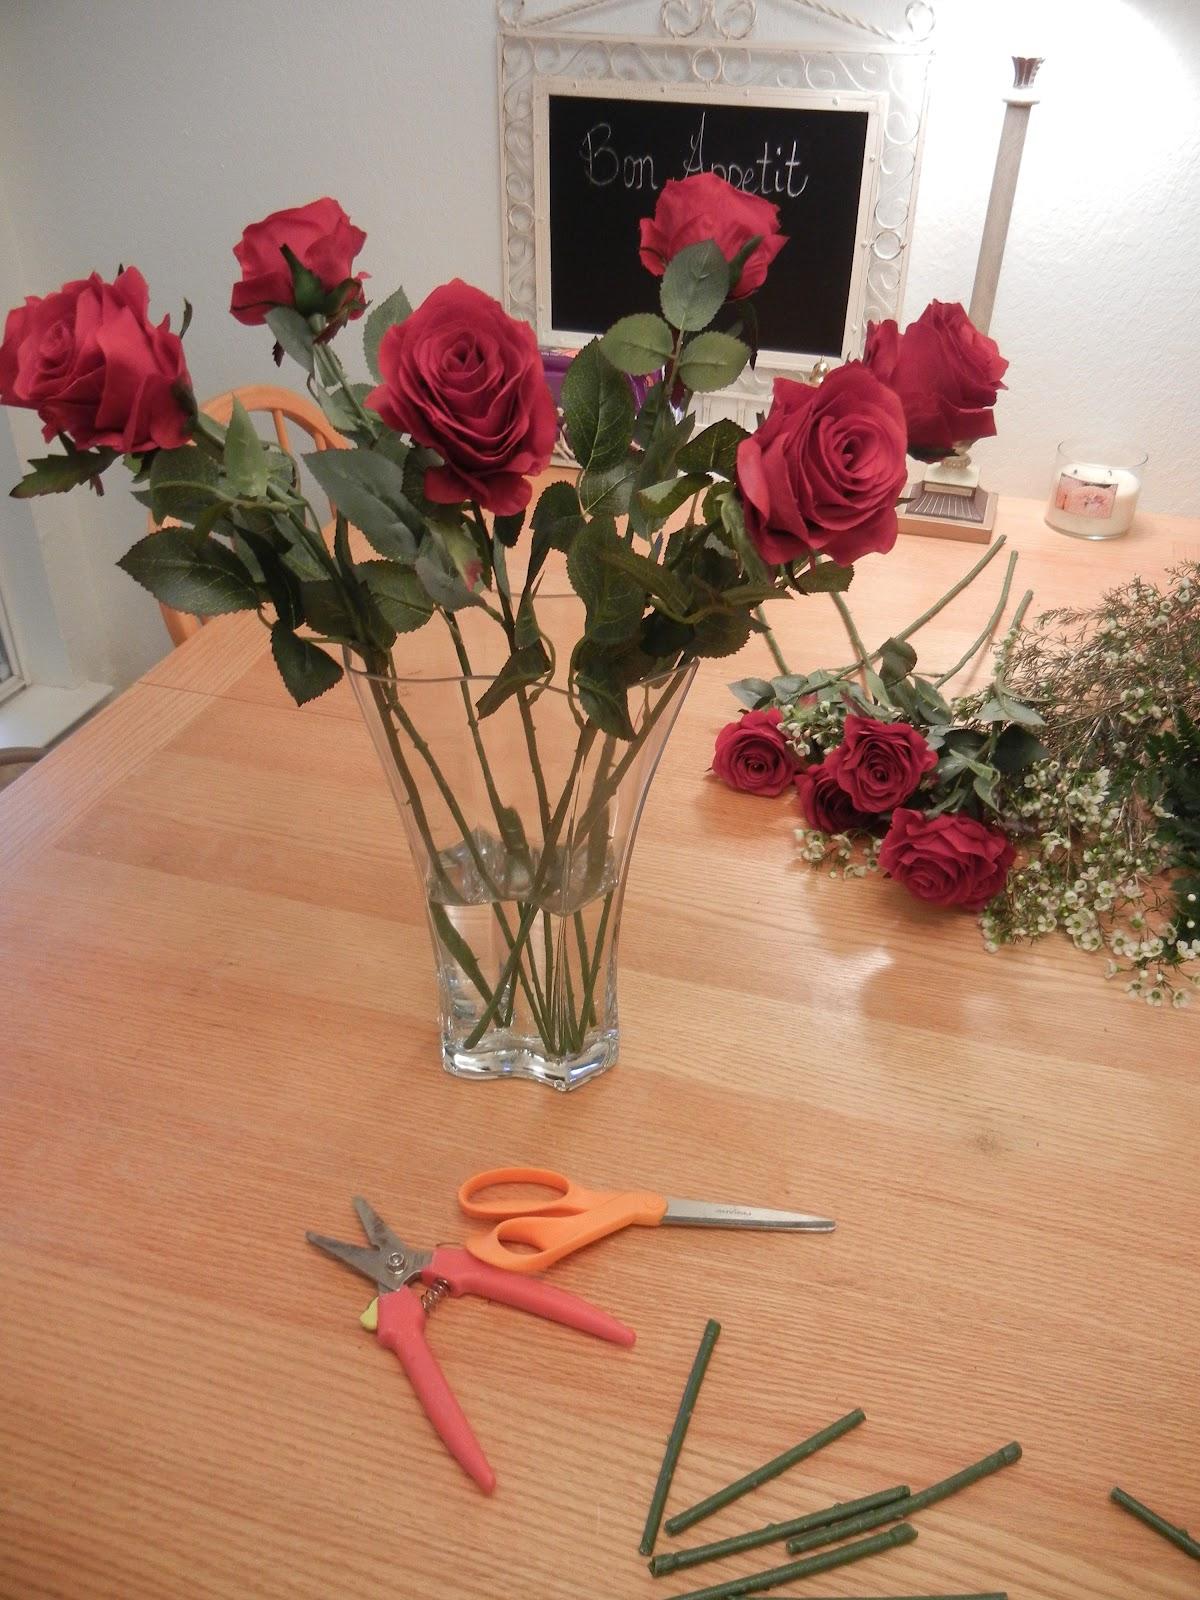 How to Arrange Long Stem Roses